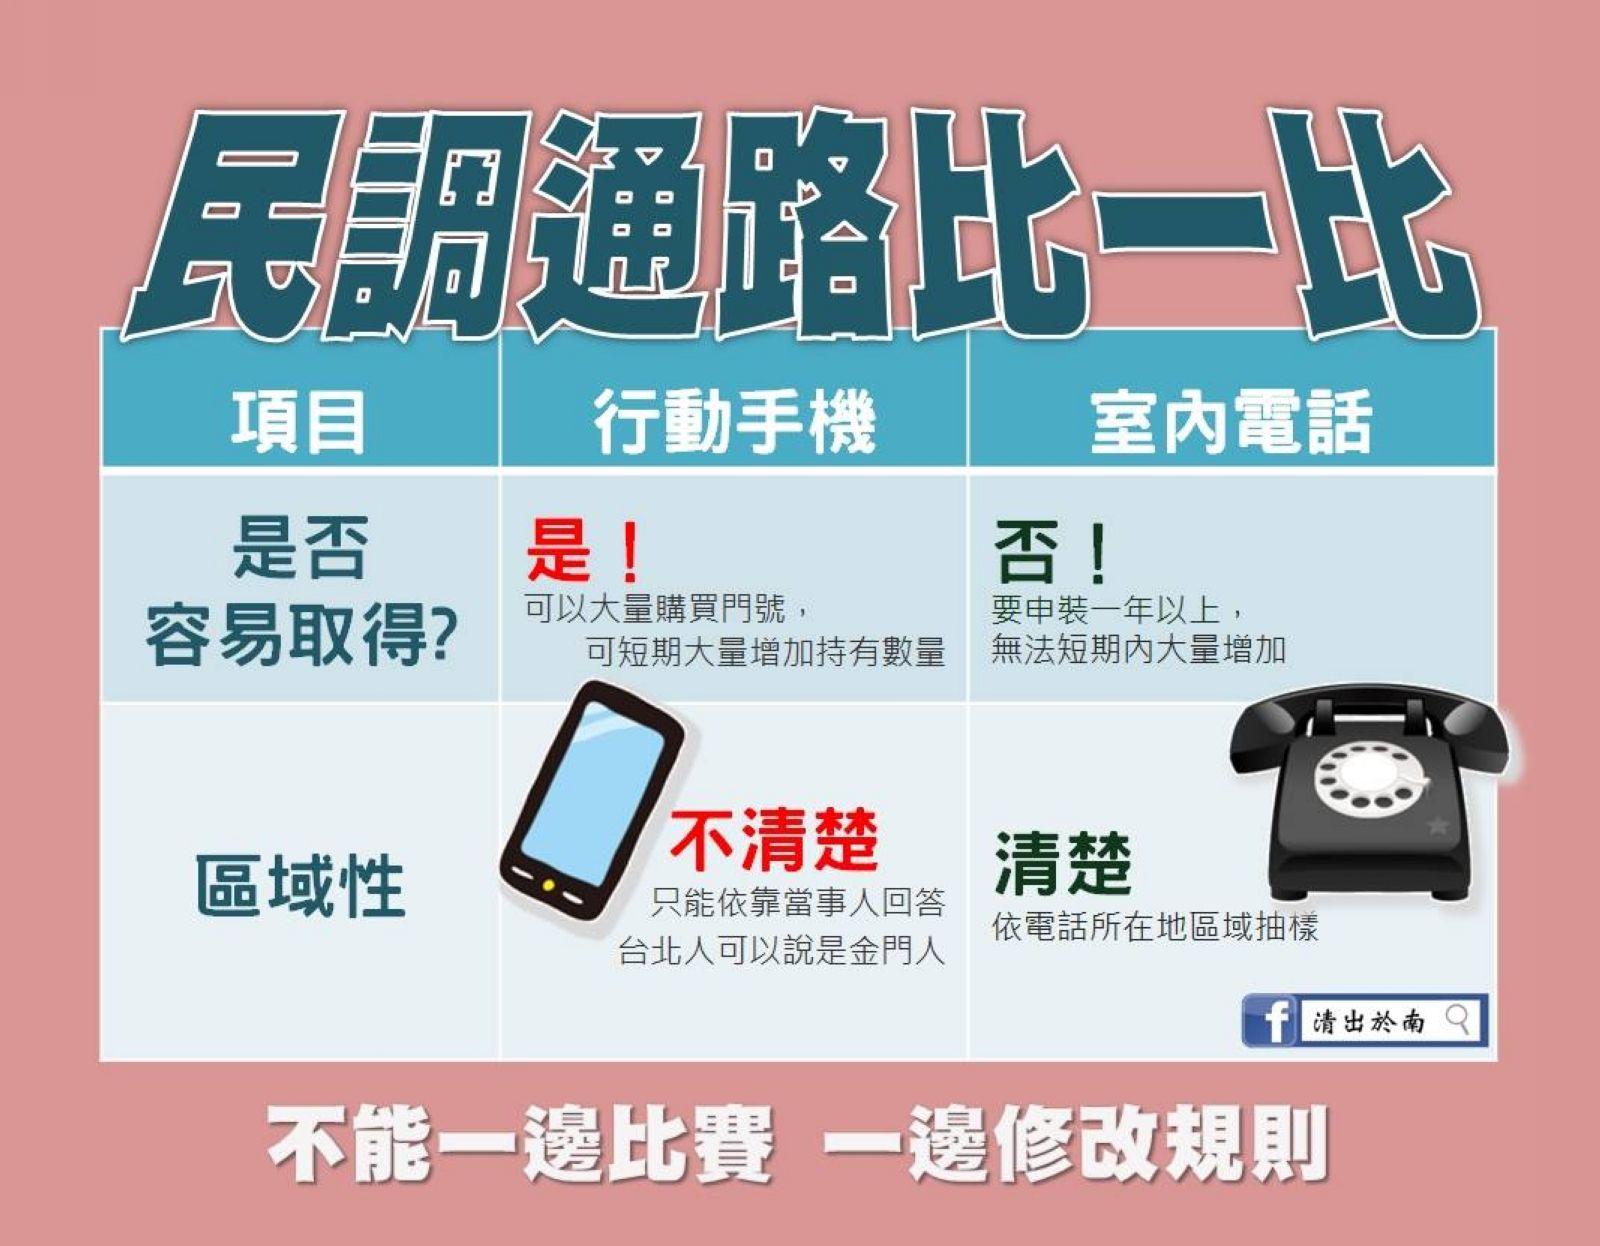 【俞振華觀點】電話民調初選未必民主公平,只是願賭服輸而已